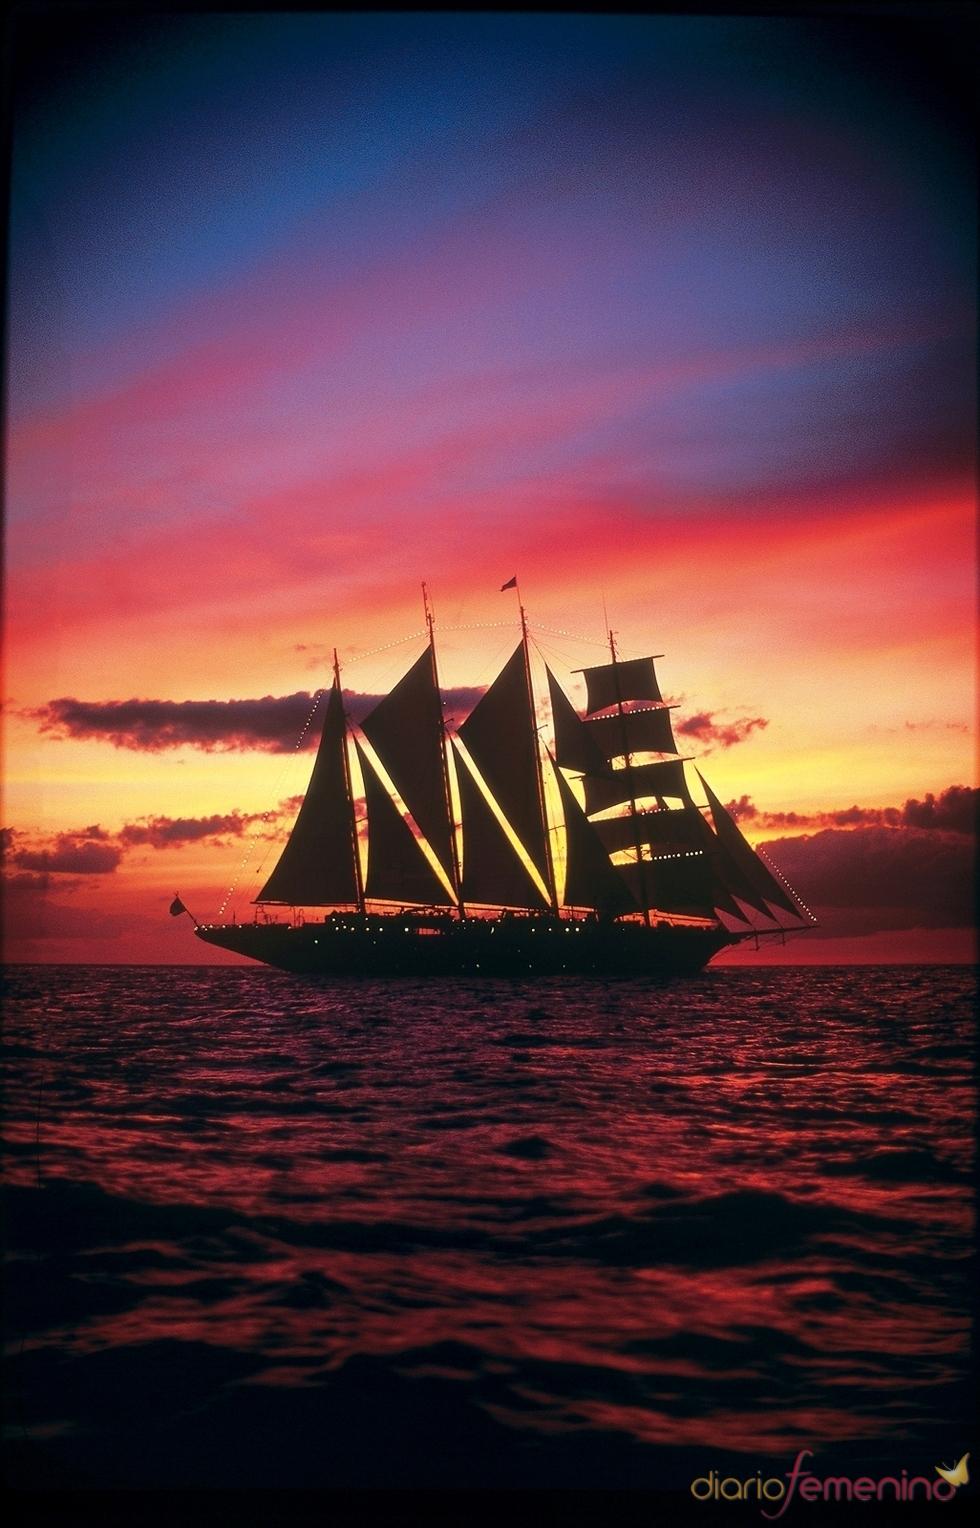 Navegación auténtica en un velero clásico